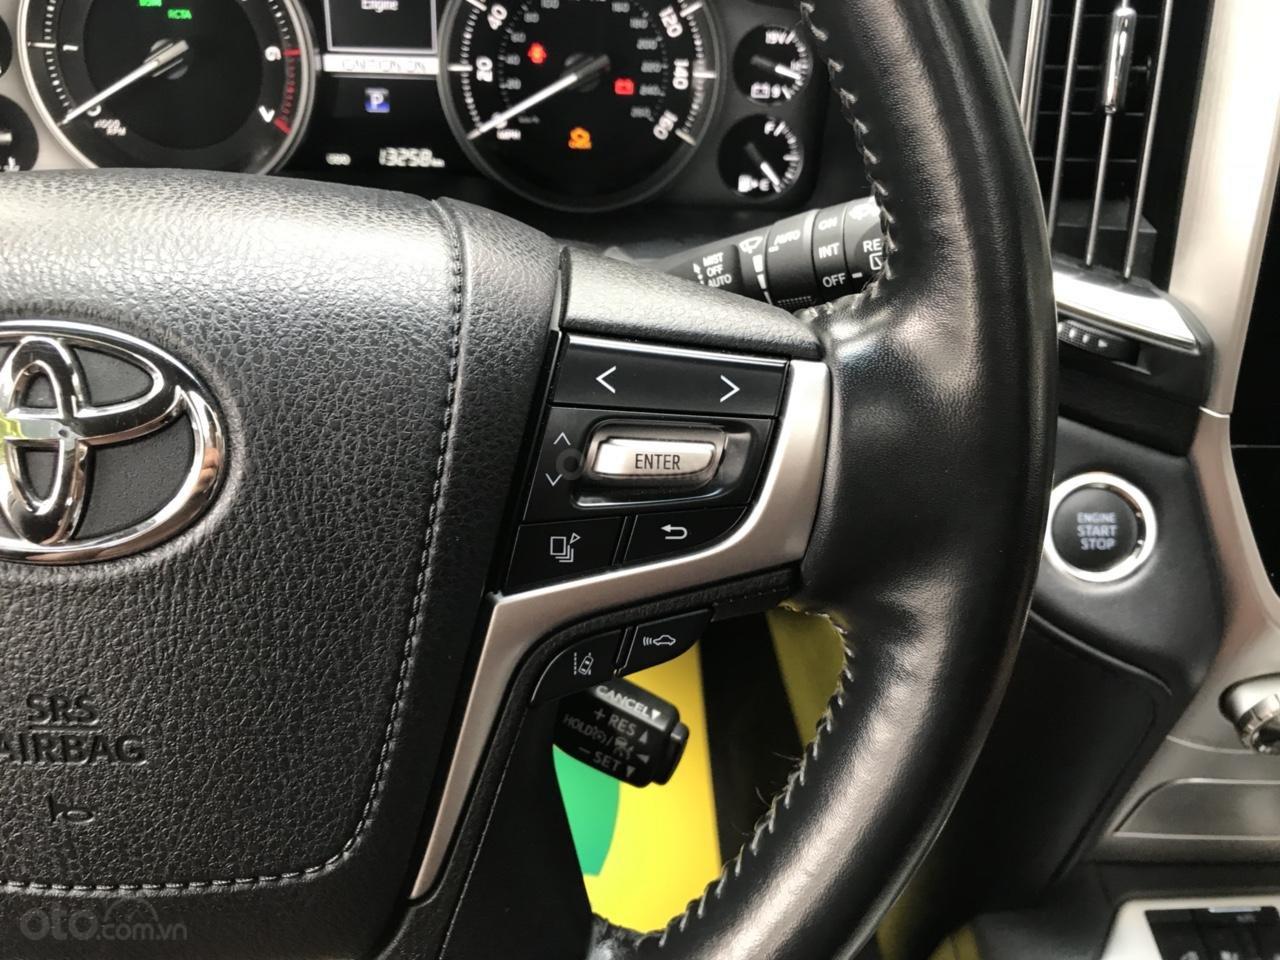 MT Auto bán Toyota Land Cruiser V8 5.7 SX 2016, xe mới 100% màu đen, xe nhập Mỹ nguyên chiếc - LH em Hương 0945392468-16